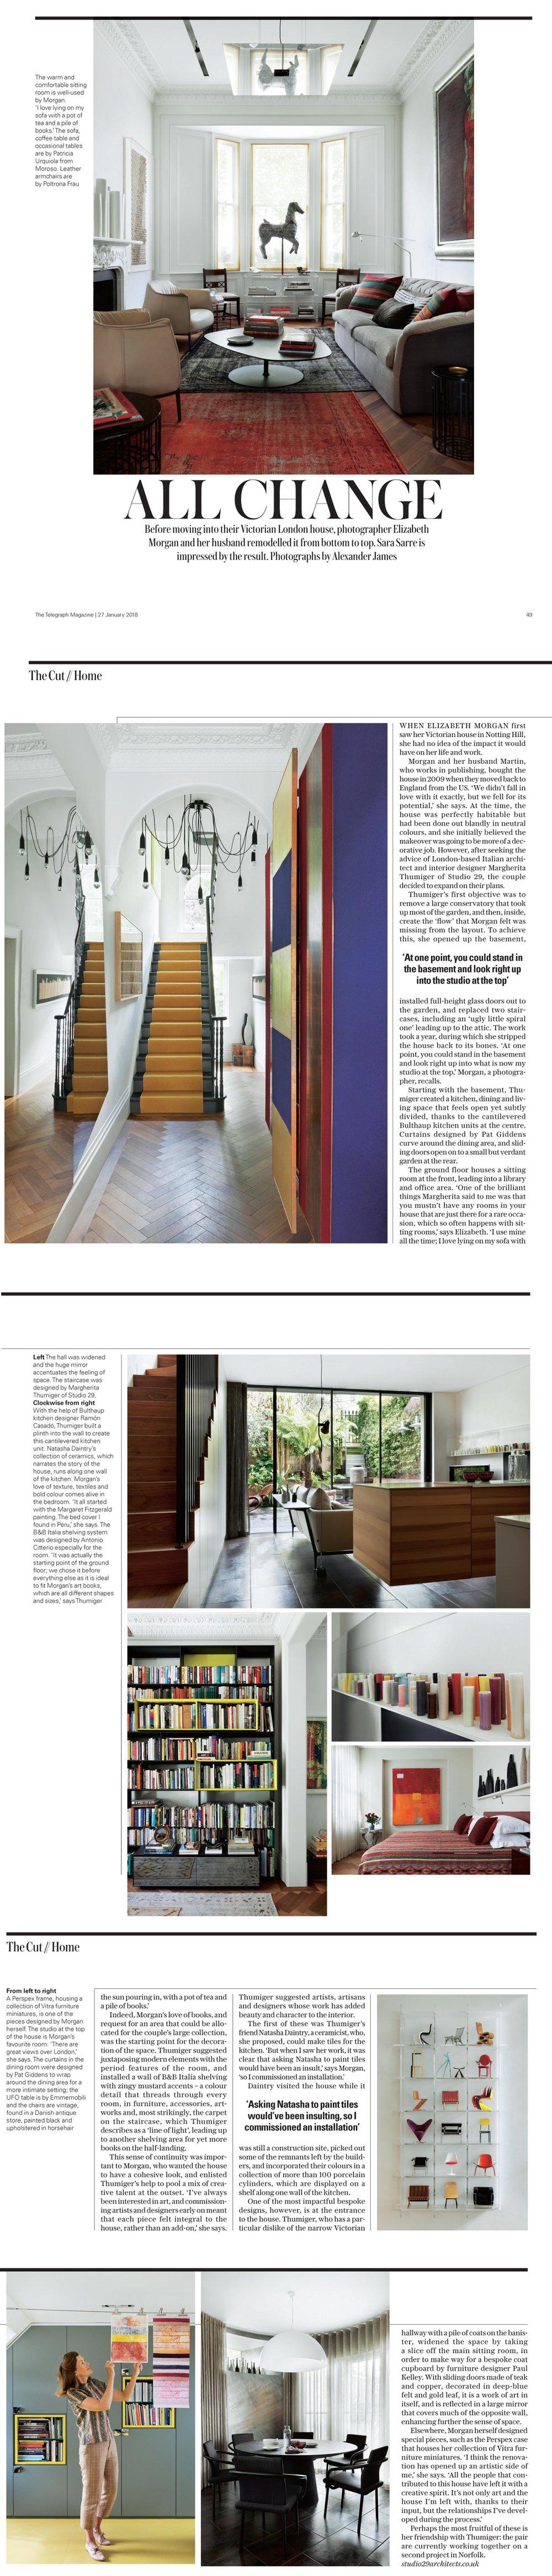 Daily-Telegraph-Magazine.jpg